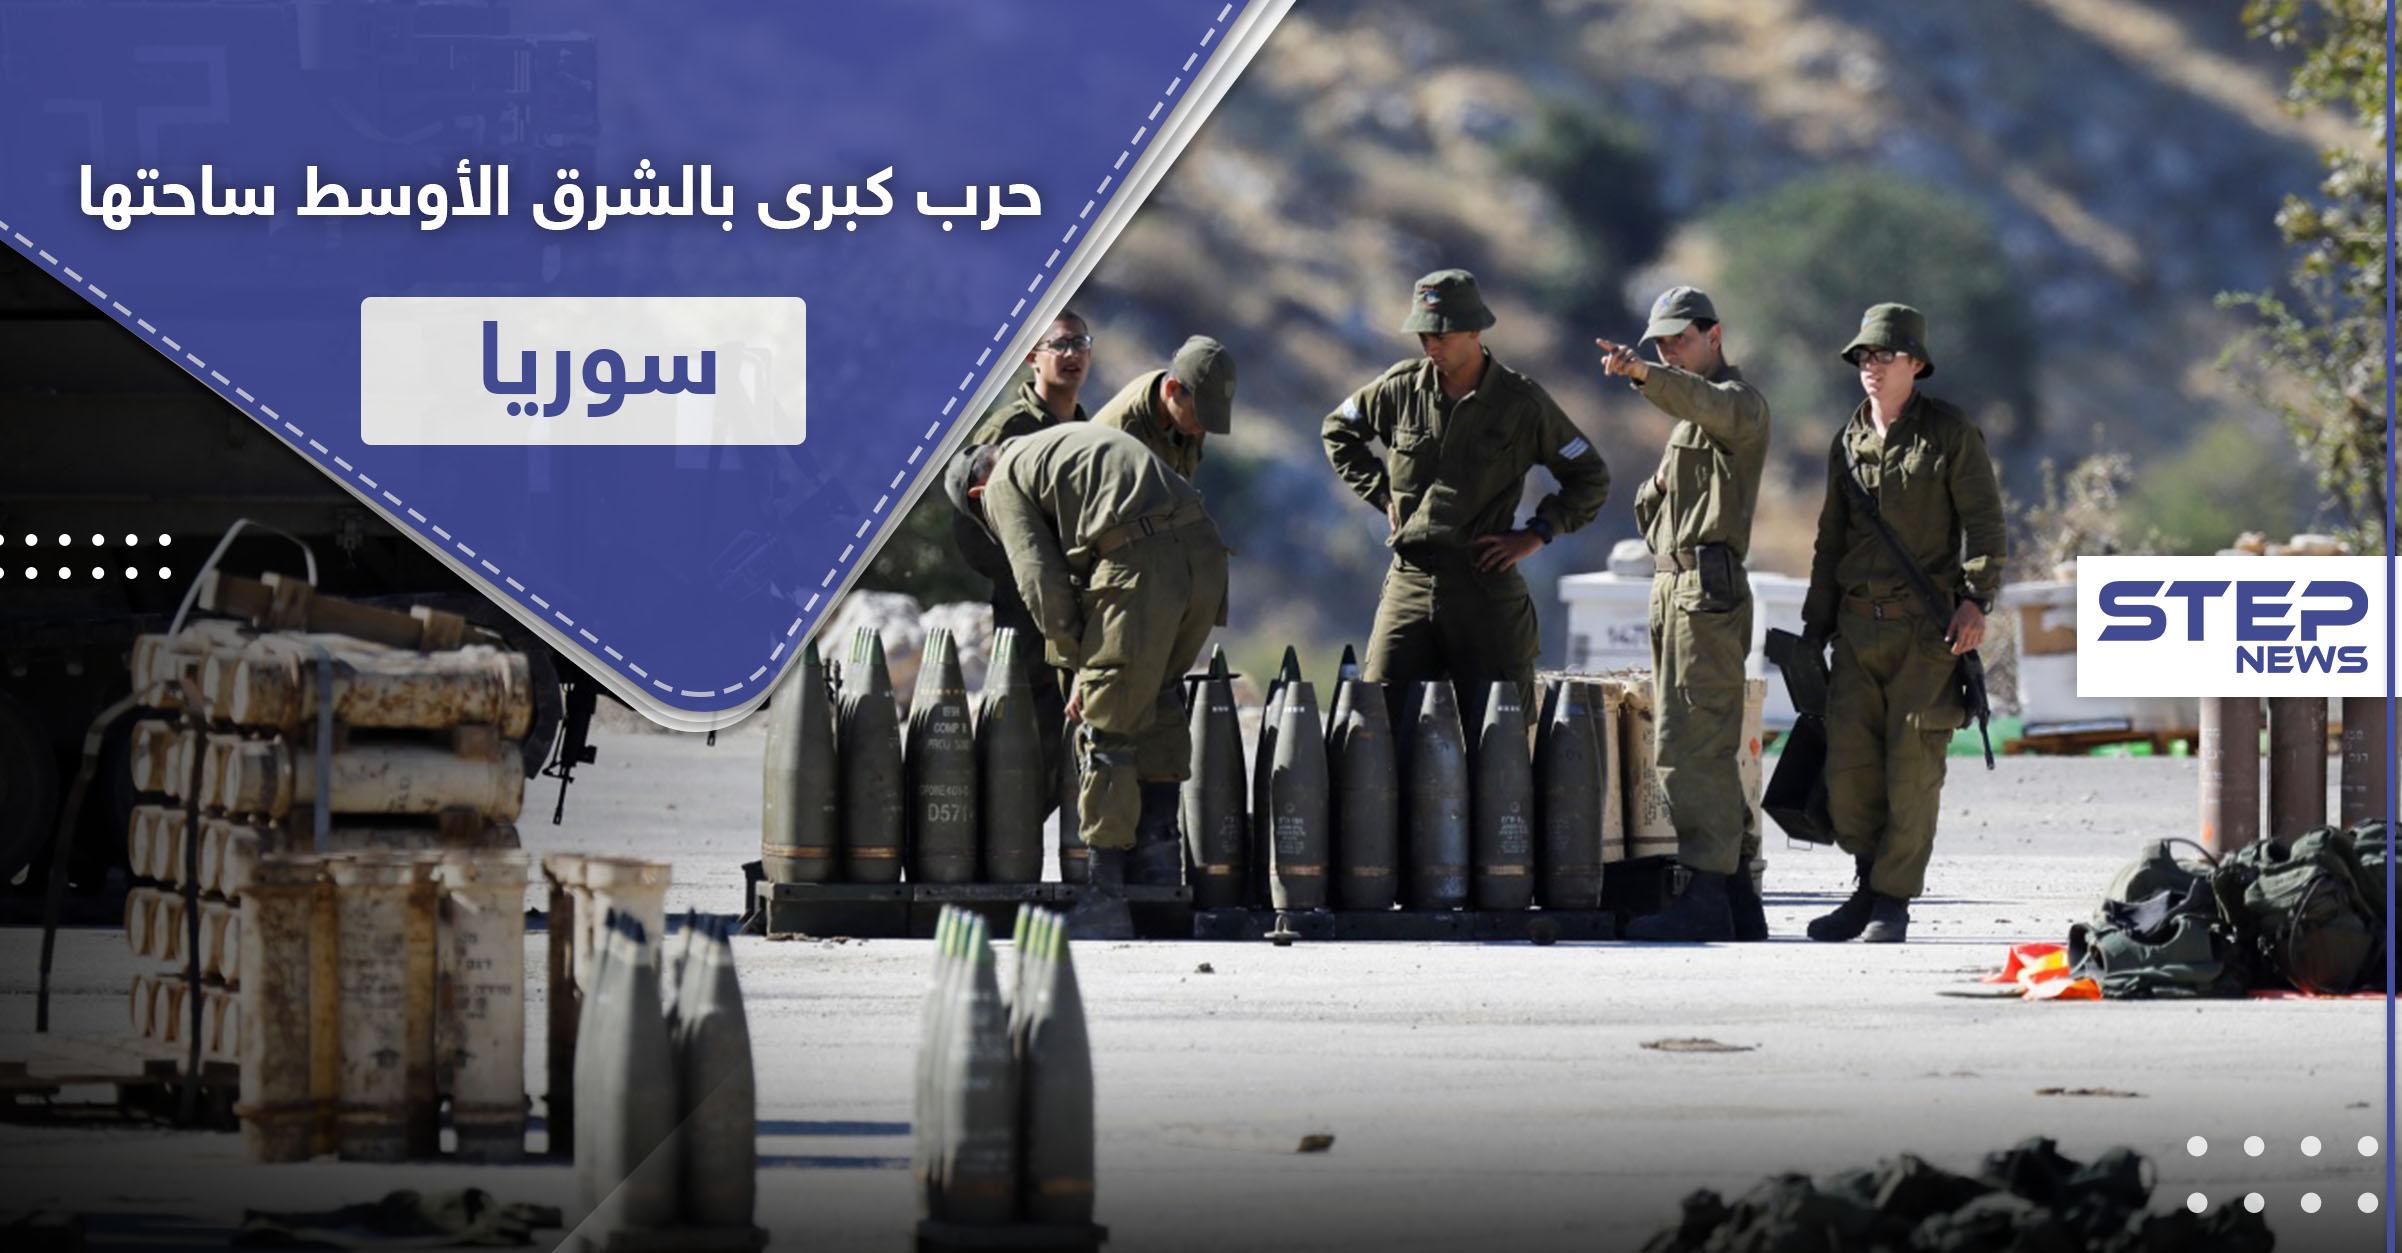 الشرق الأوسط مقبل على حرب كبرى